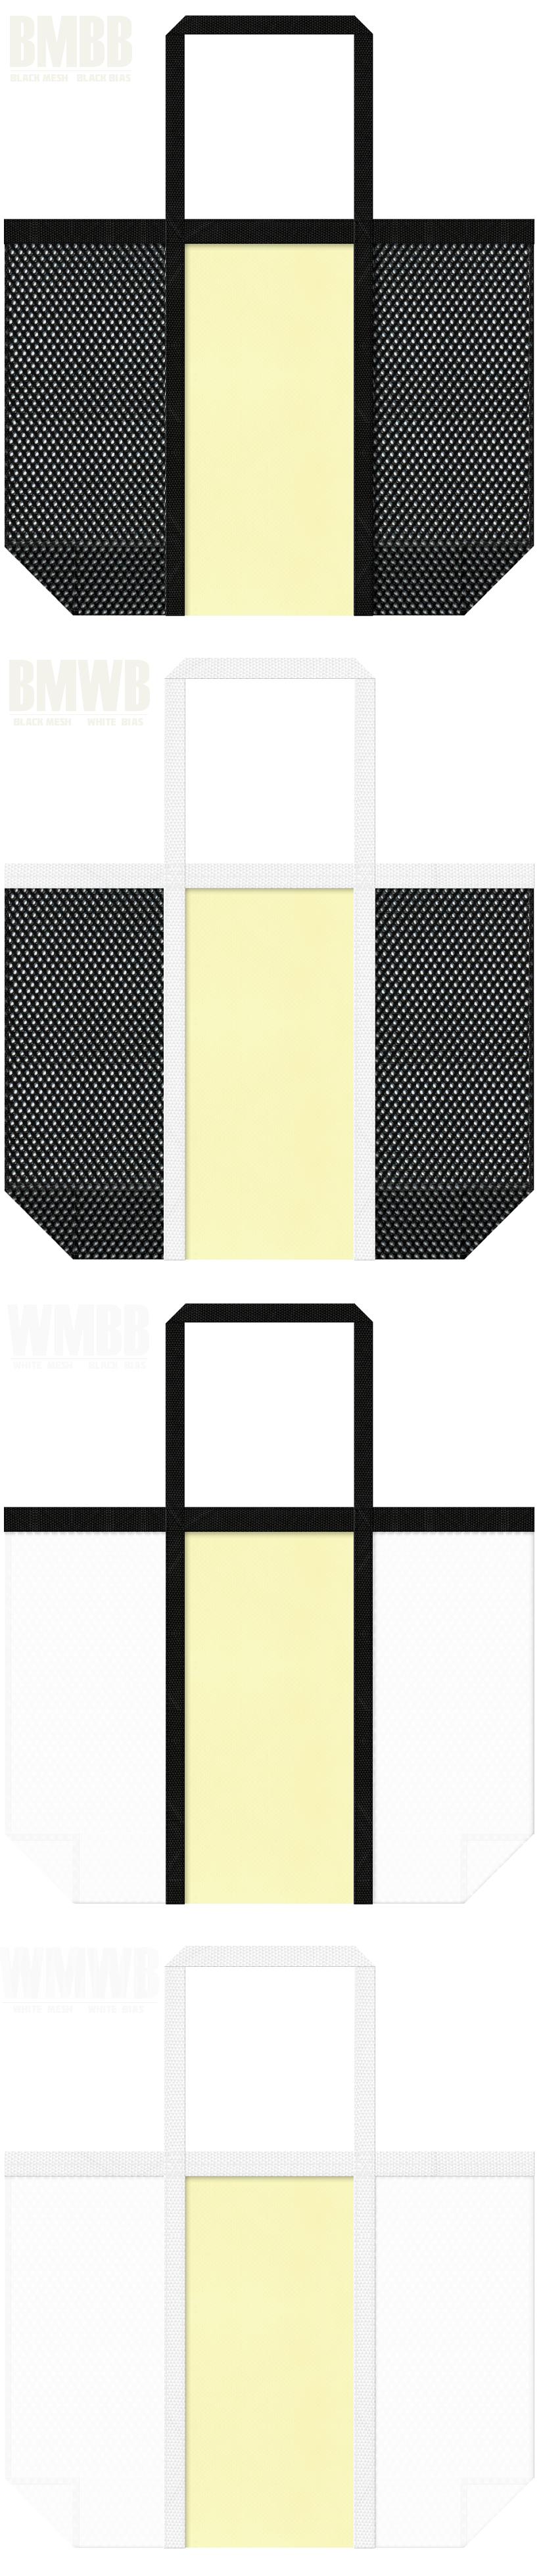 台形型メッシュバッグのカラーシミュレーション:黒色・白色メッシュと薄黄色不織布の組み合わせ